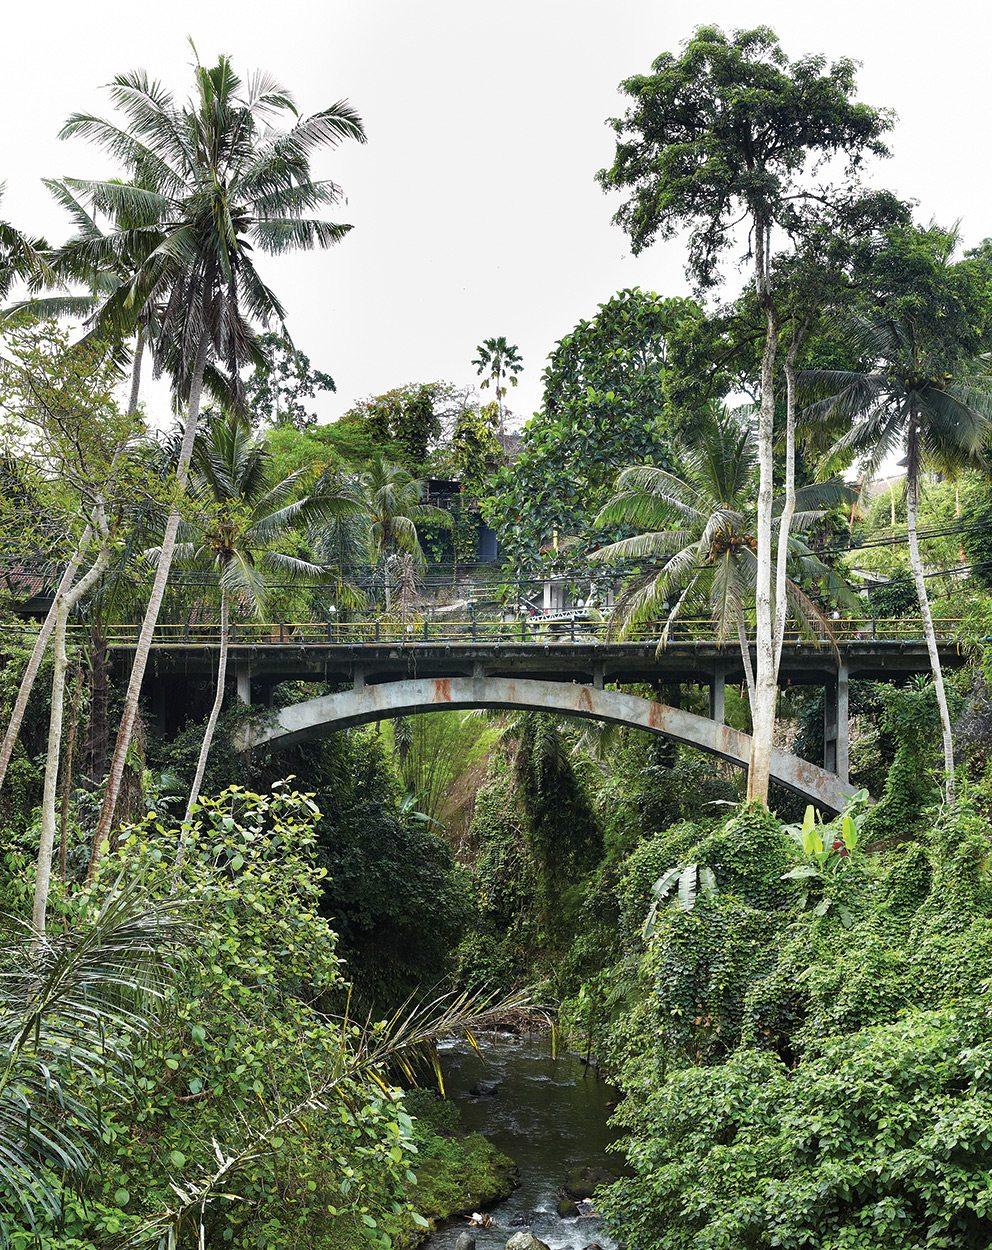 Pura Gunung Labah, Tjampuhan (Or Campuhan) Bridge, Ubud, Bali